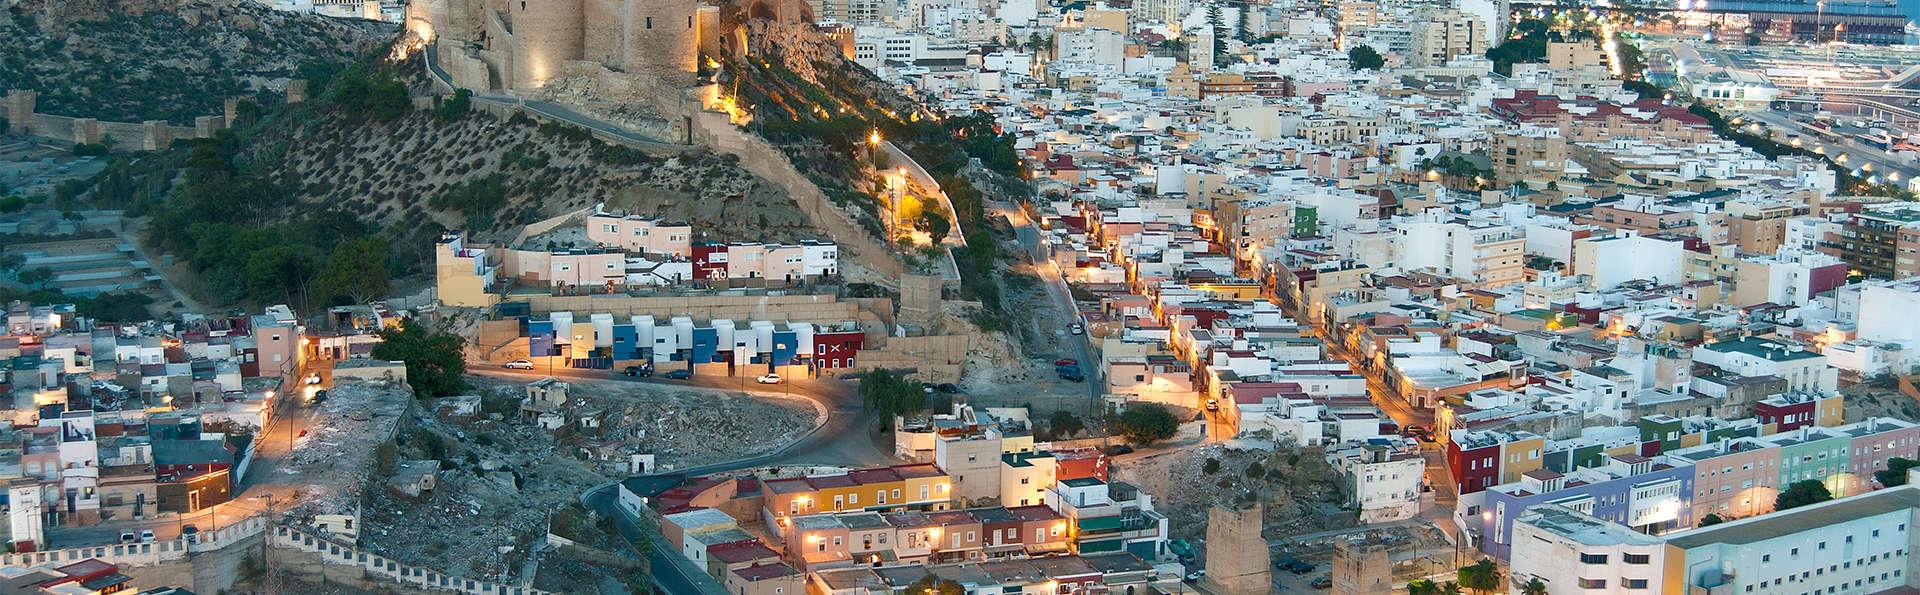 Hospedería del Desierto - EDIT_Destination_Almeria1.jpg